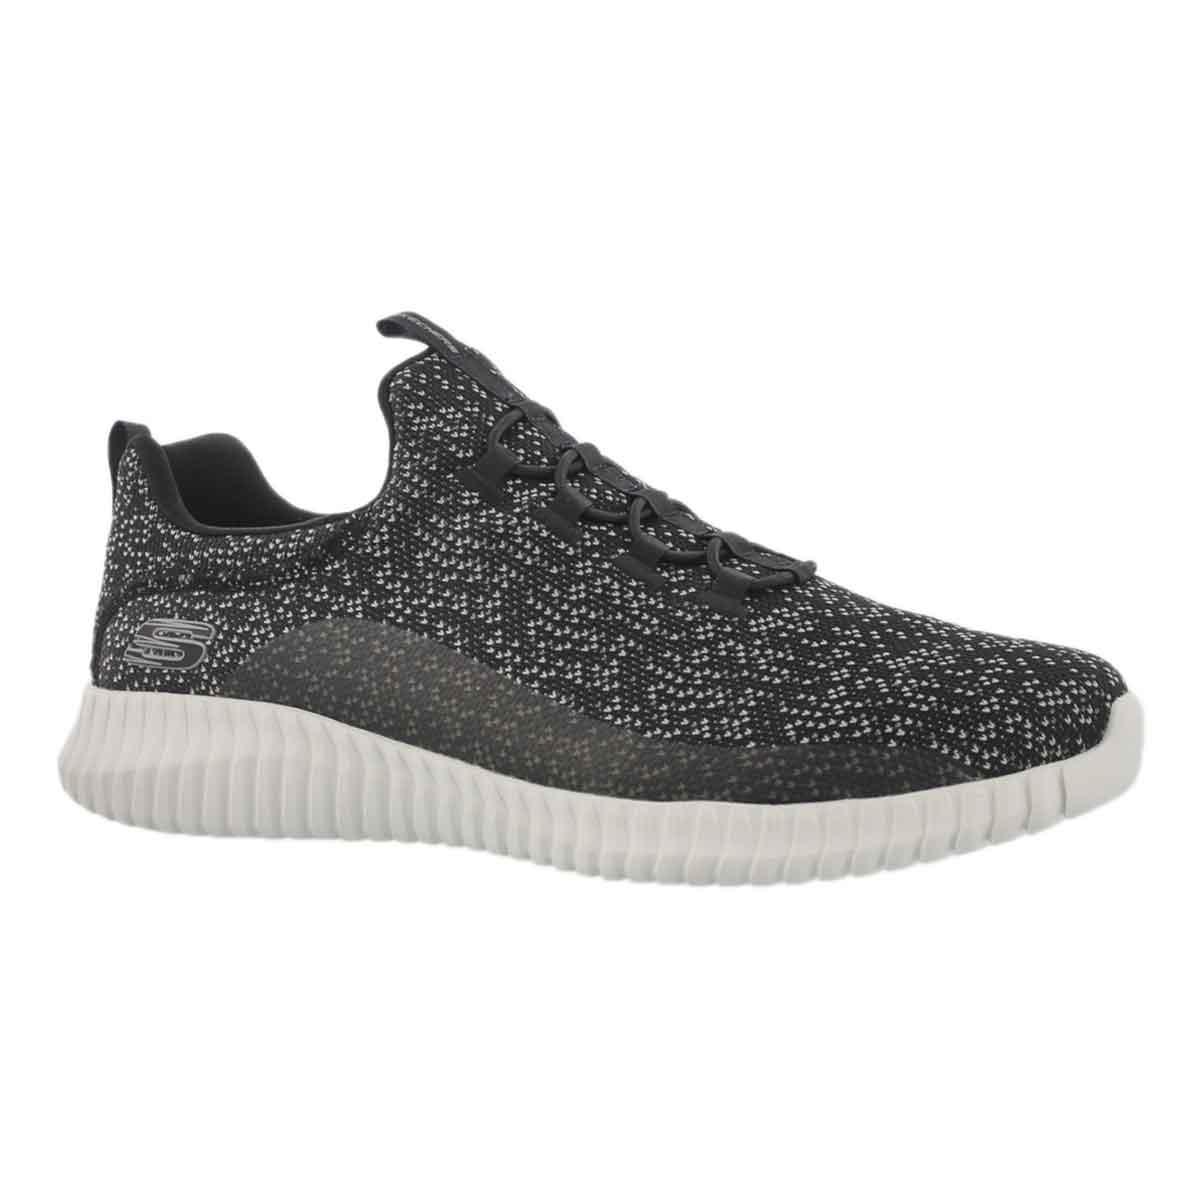 Men's ELTIE FLEX MUZZIN black slip on sneakers